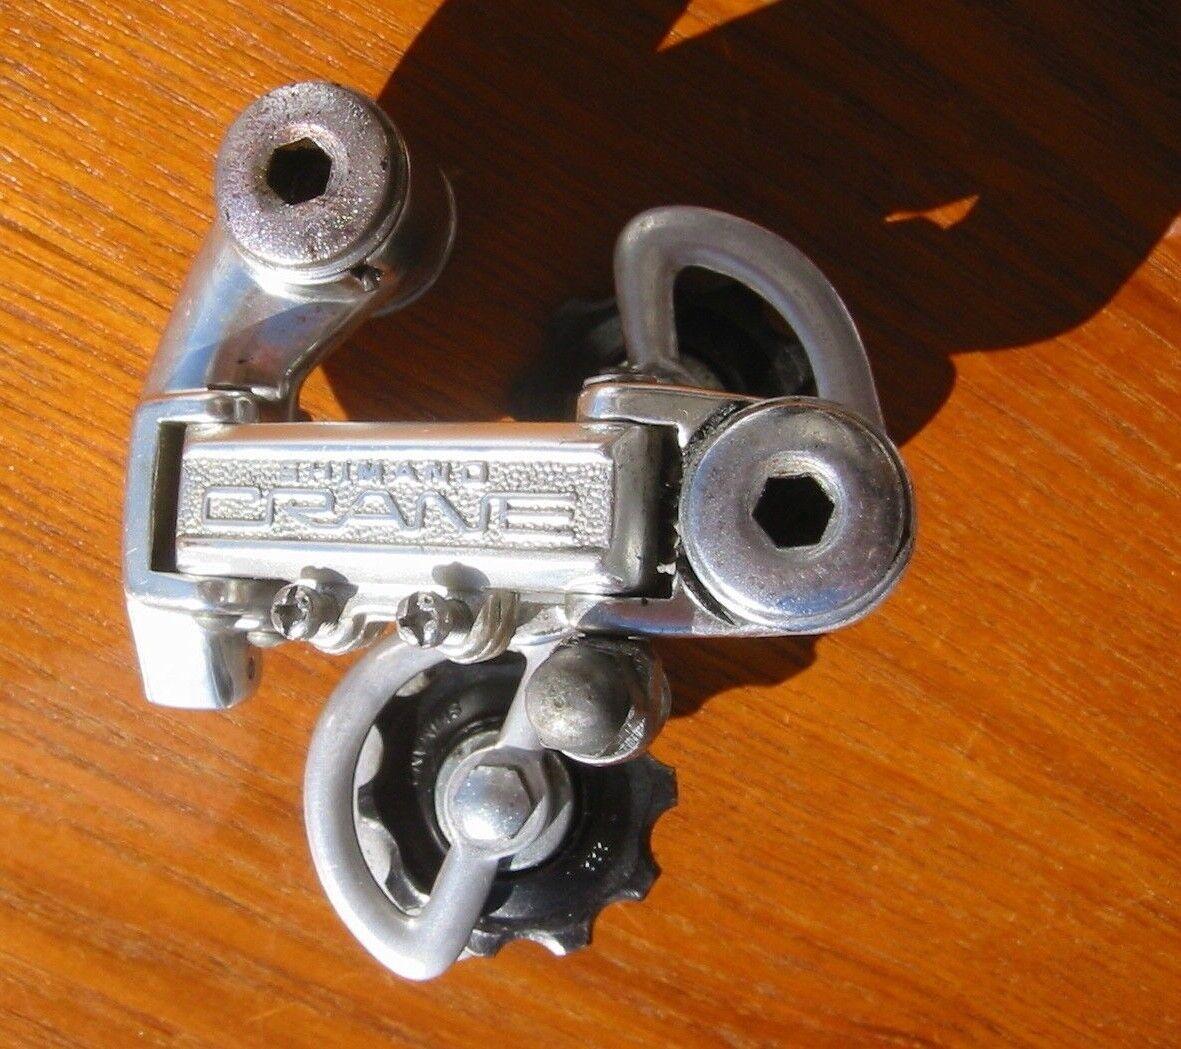 Shimano Crane D-501 Rear Derailleur from DuraAce Group  -1973-1976 - Erocia